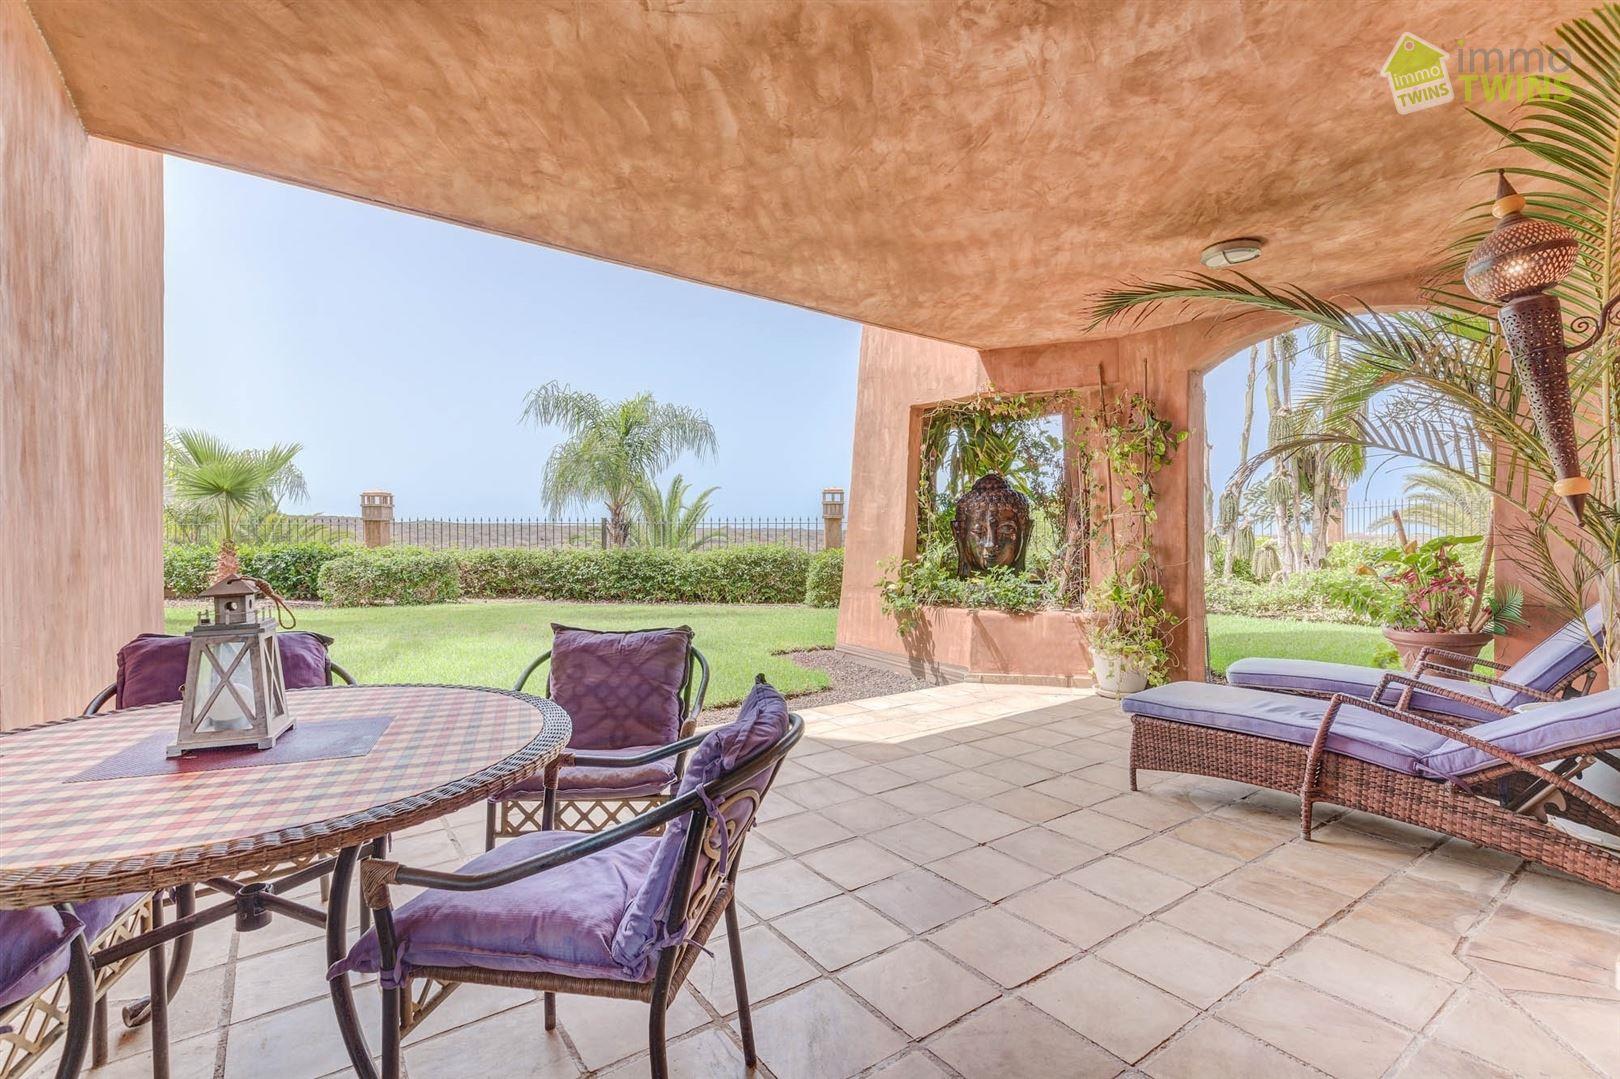 Foto 8 : Appartement te 38632 PALM MAR (Spanje) - Prijs € 440.000